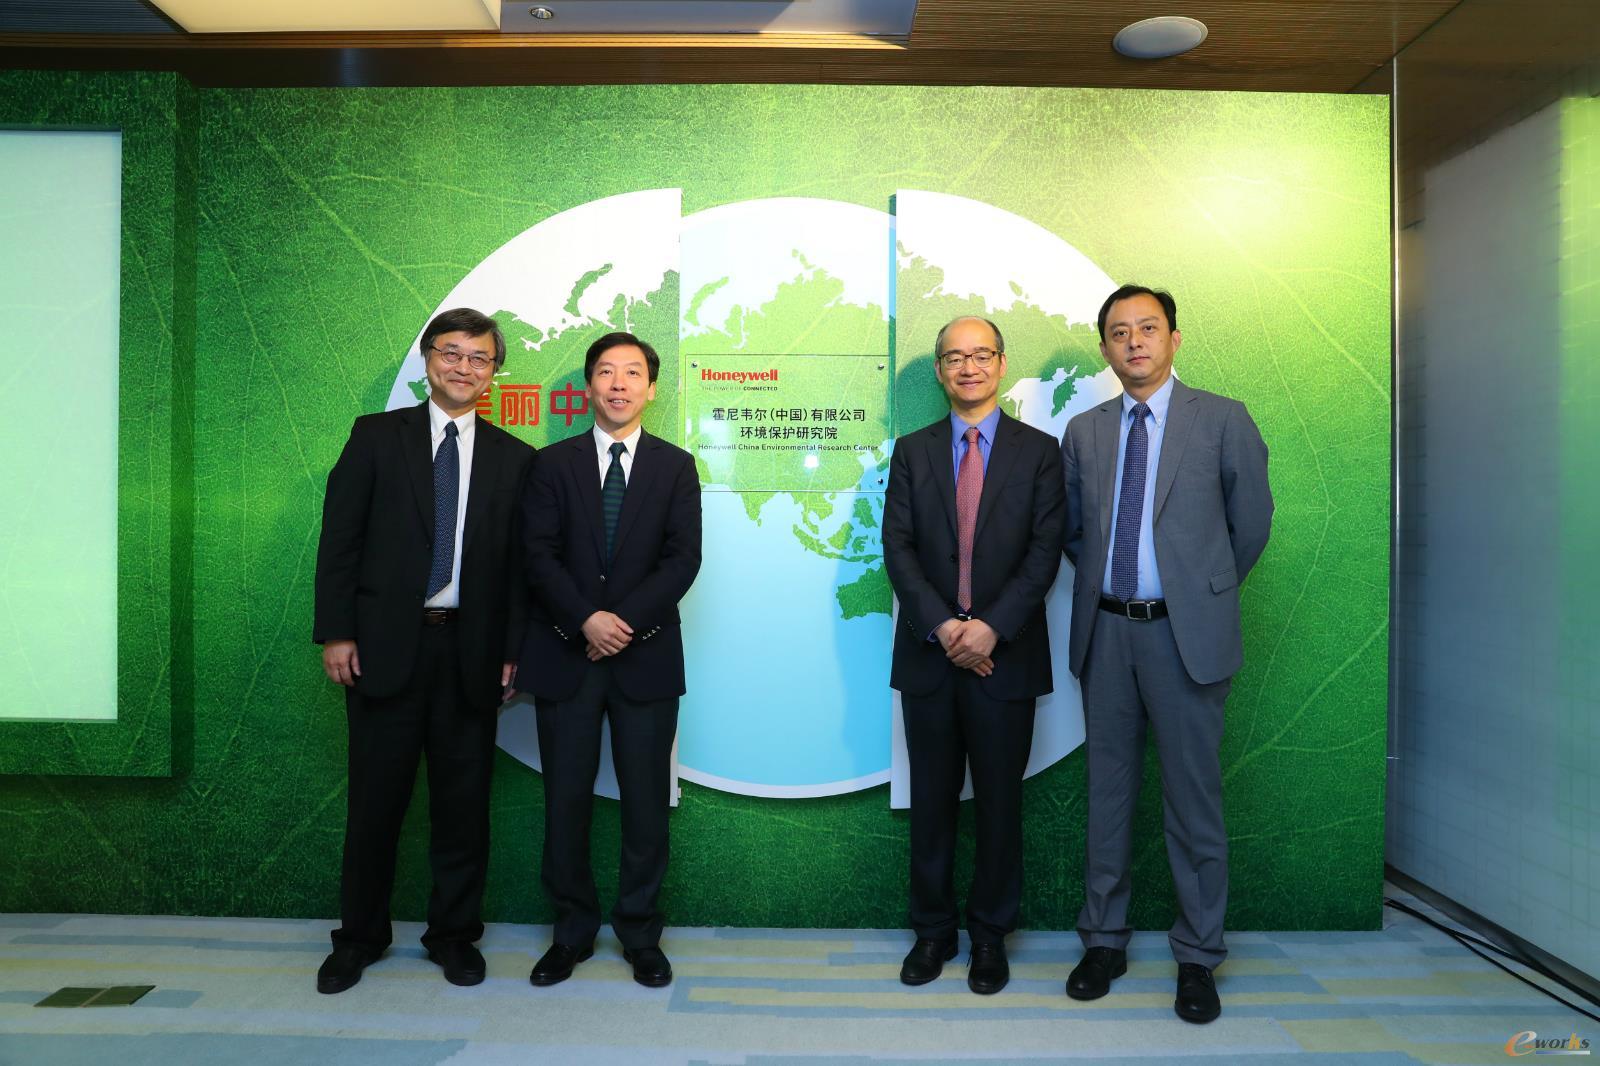 霍尼韦尔(中国)有限公司环境保护研究院正式揭牌